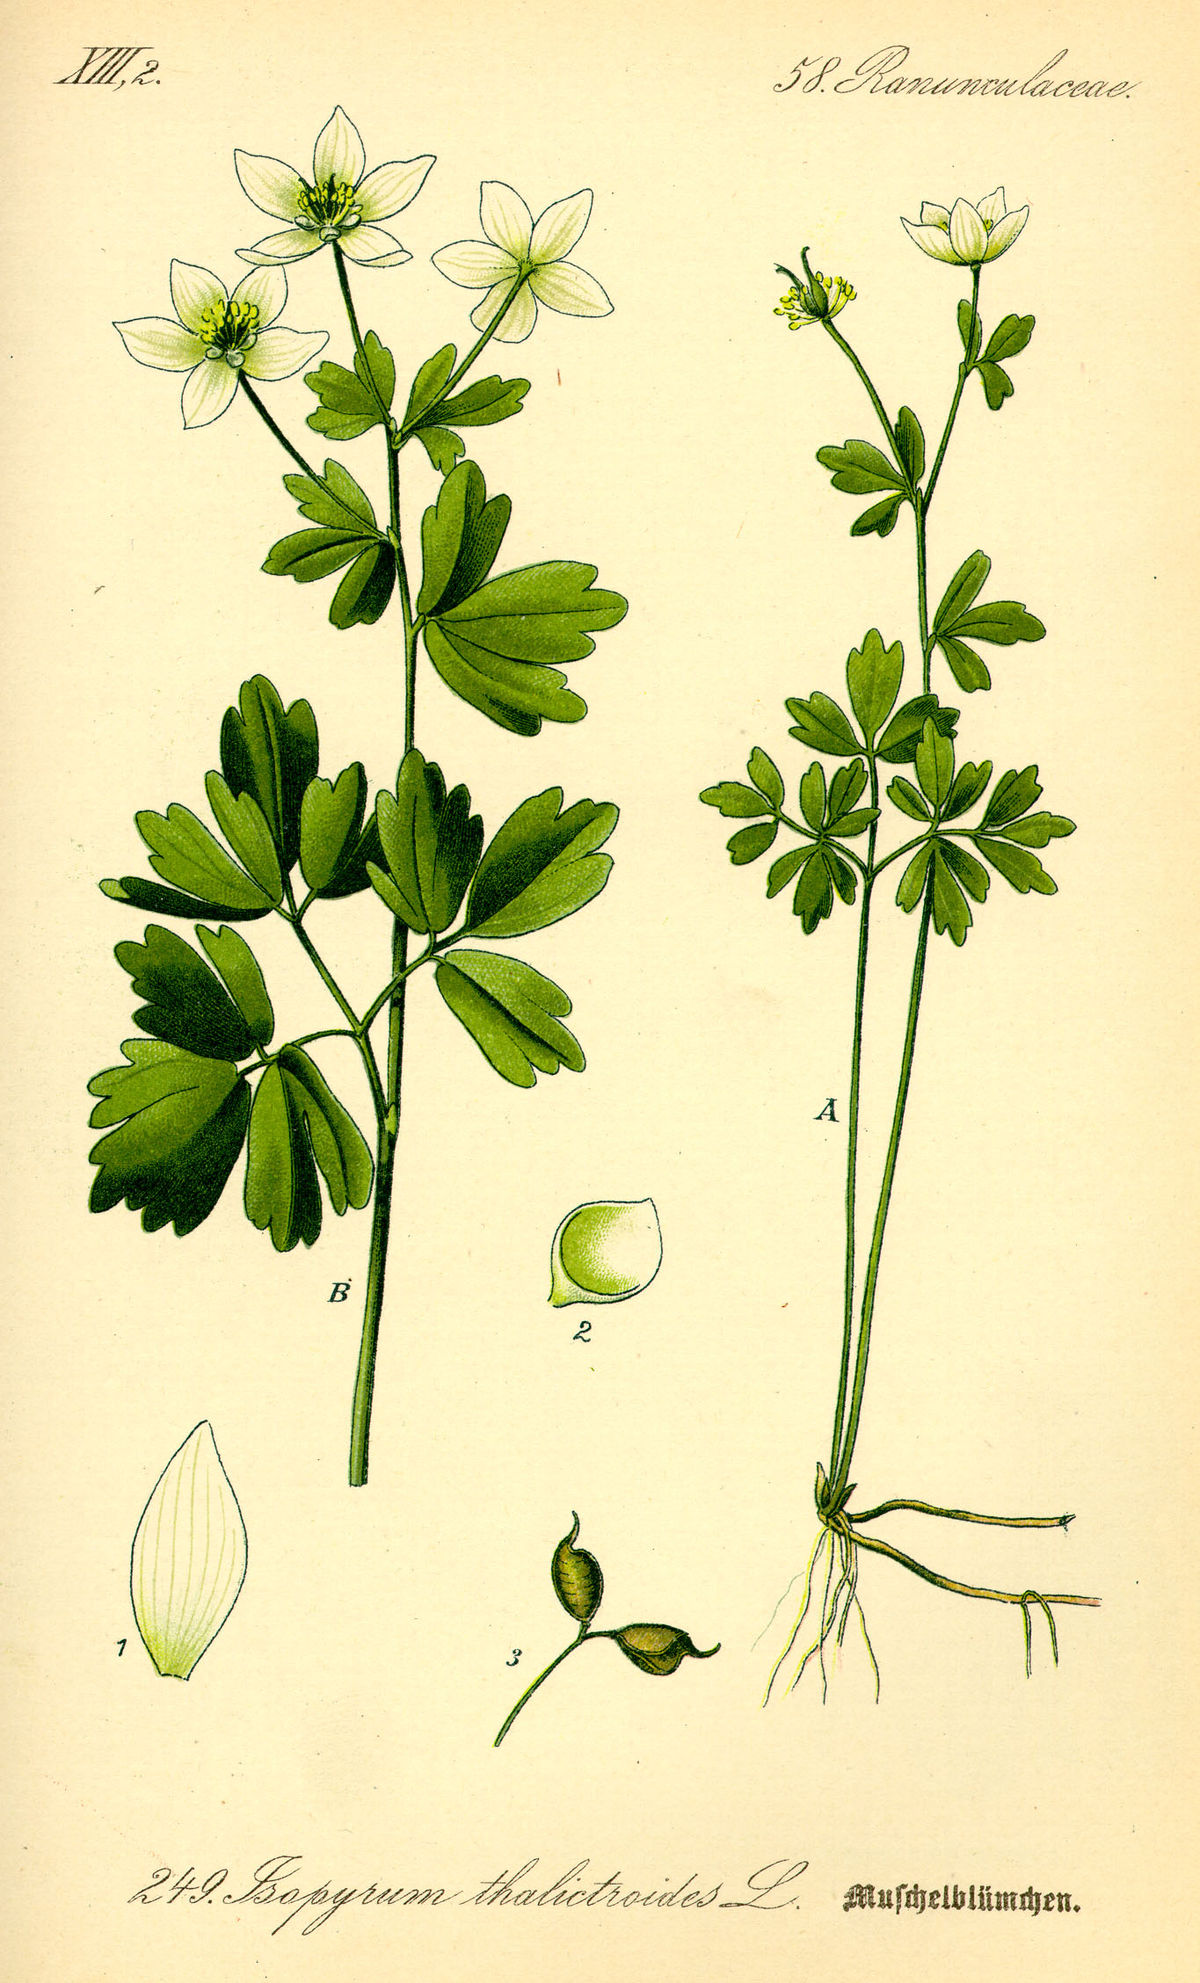 hahnenfugewchse wikipedia - Einkeimblattrige Pflanzen Beispiele